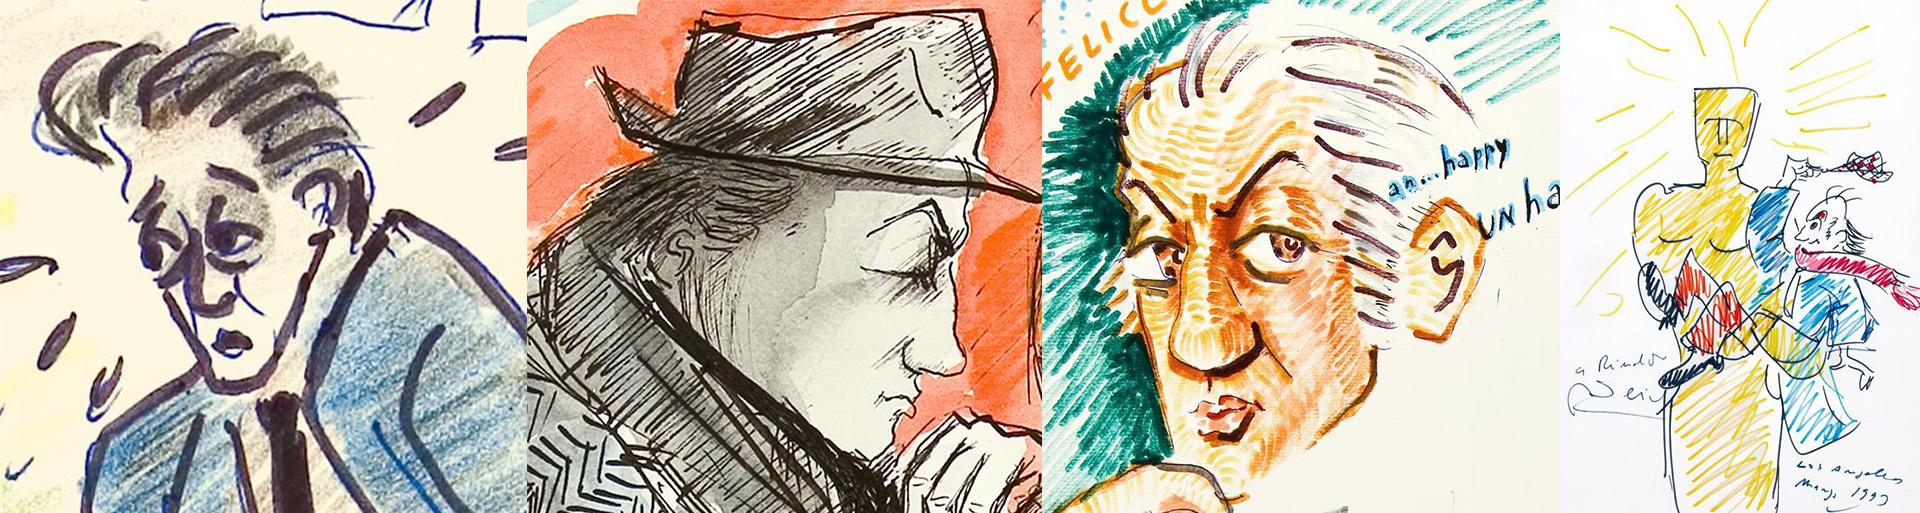 Autorretratos: 1961, 1974, 1977 y 1993, con el Oscar honorífico